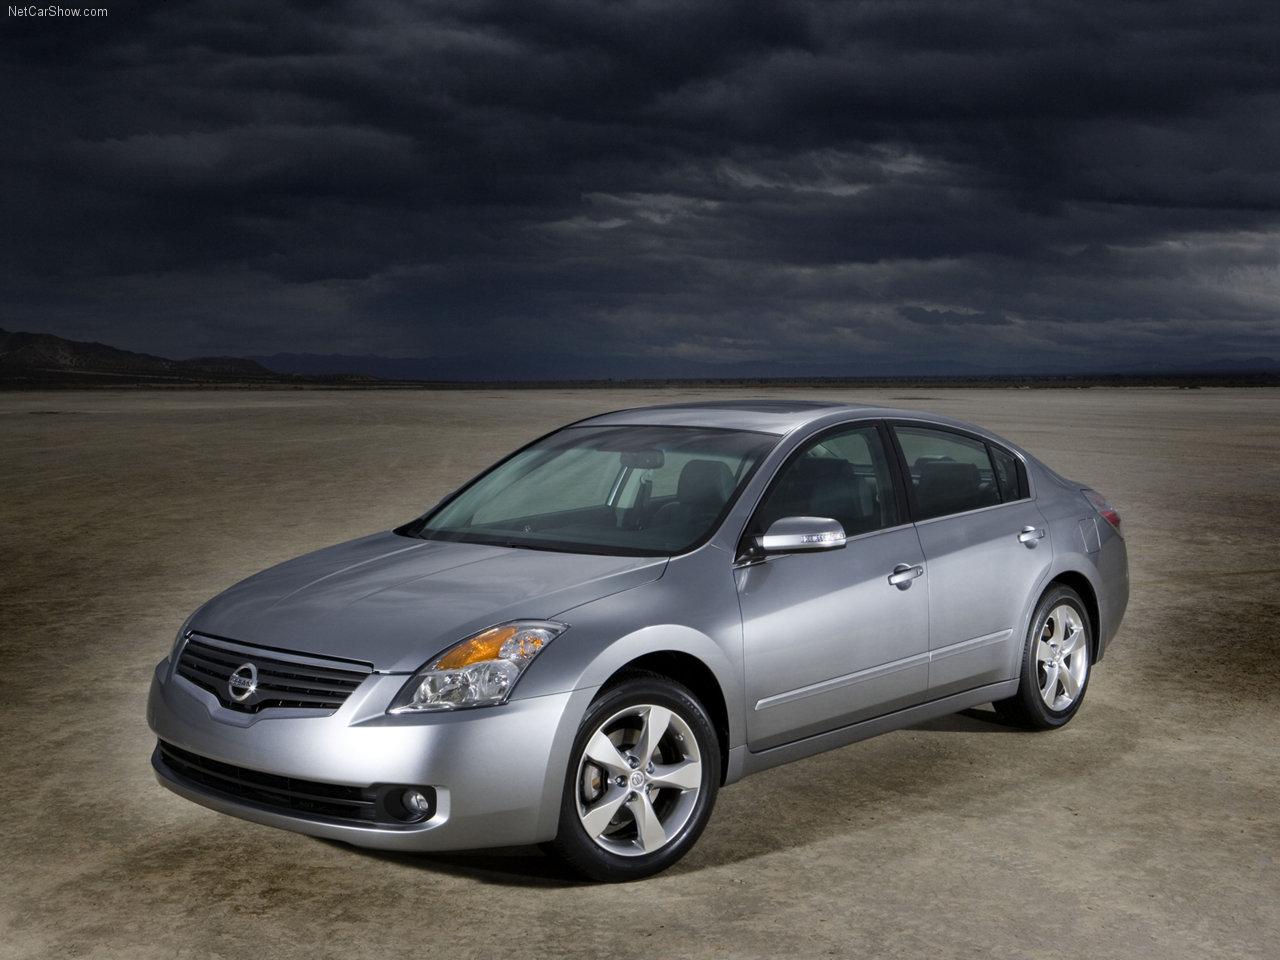 http://2.bp.blogspot.com/-anCqZL2_sS8/TXR_aD57r1I/AAAAAAAADns/6kW5EzRvRzg/s1600/Nissan-Altima_2007_1280x960_wallpaper_04.jpg